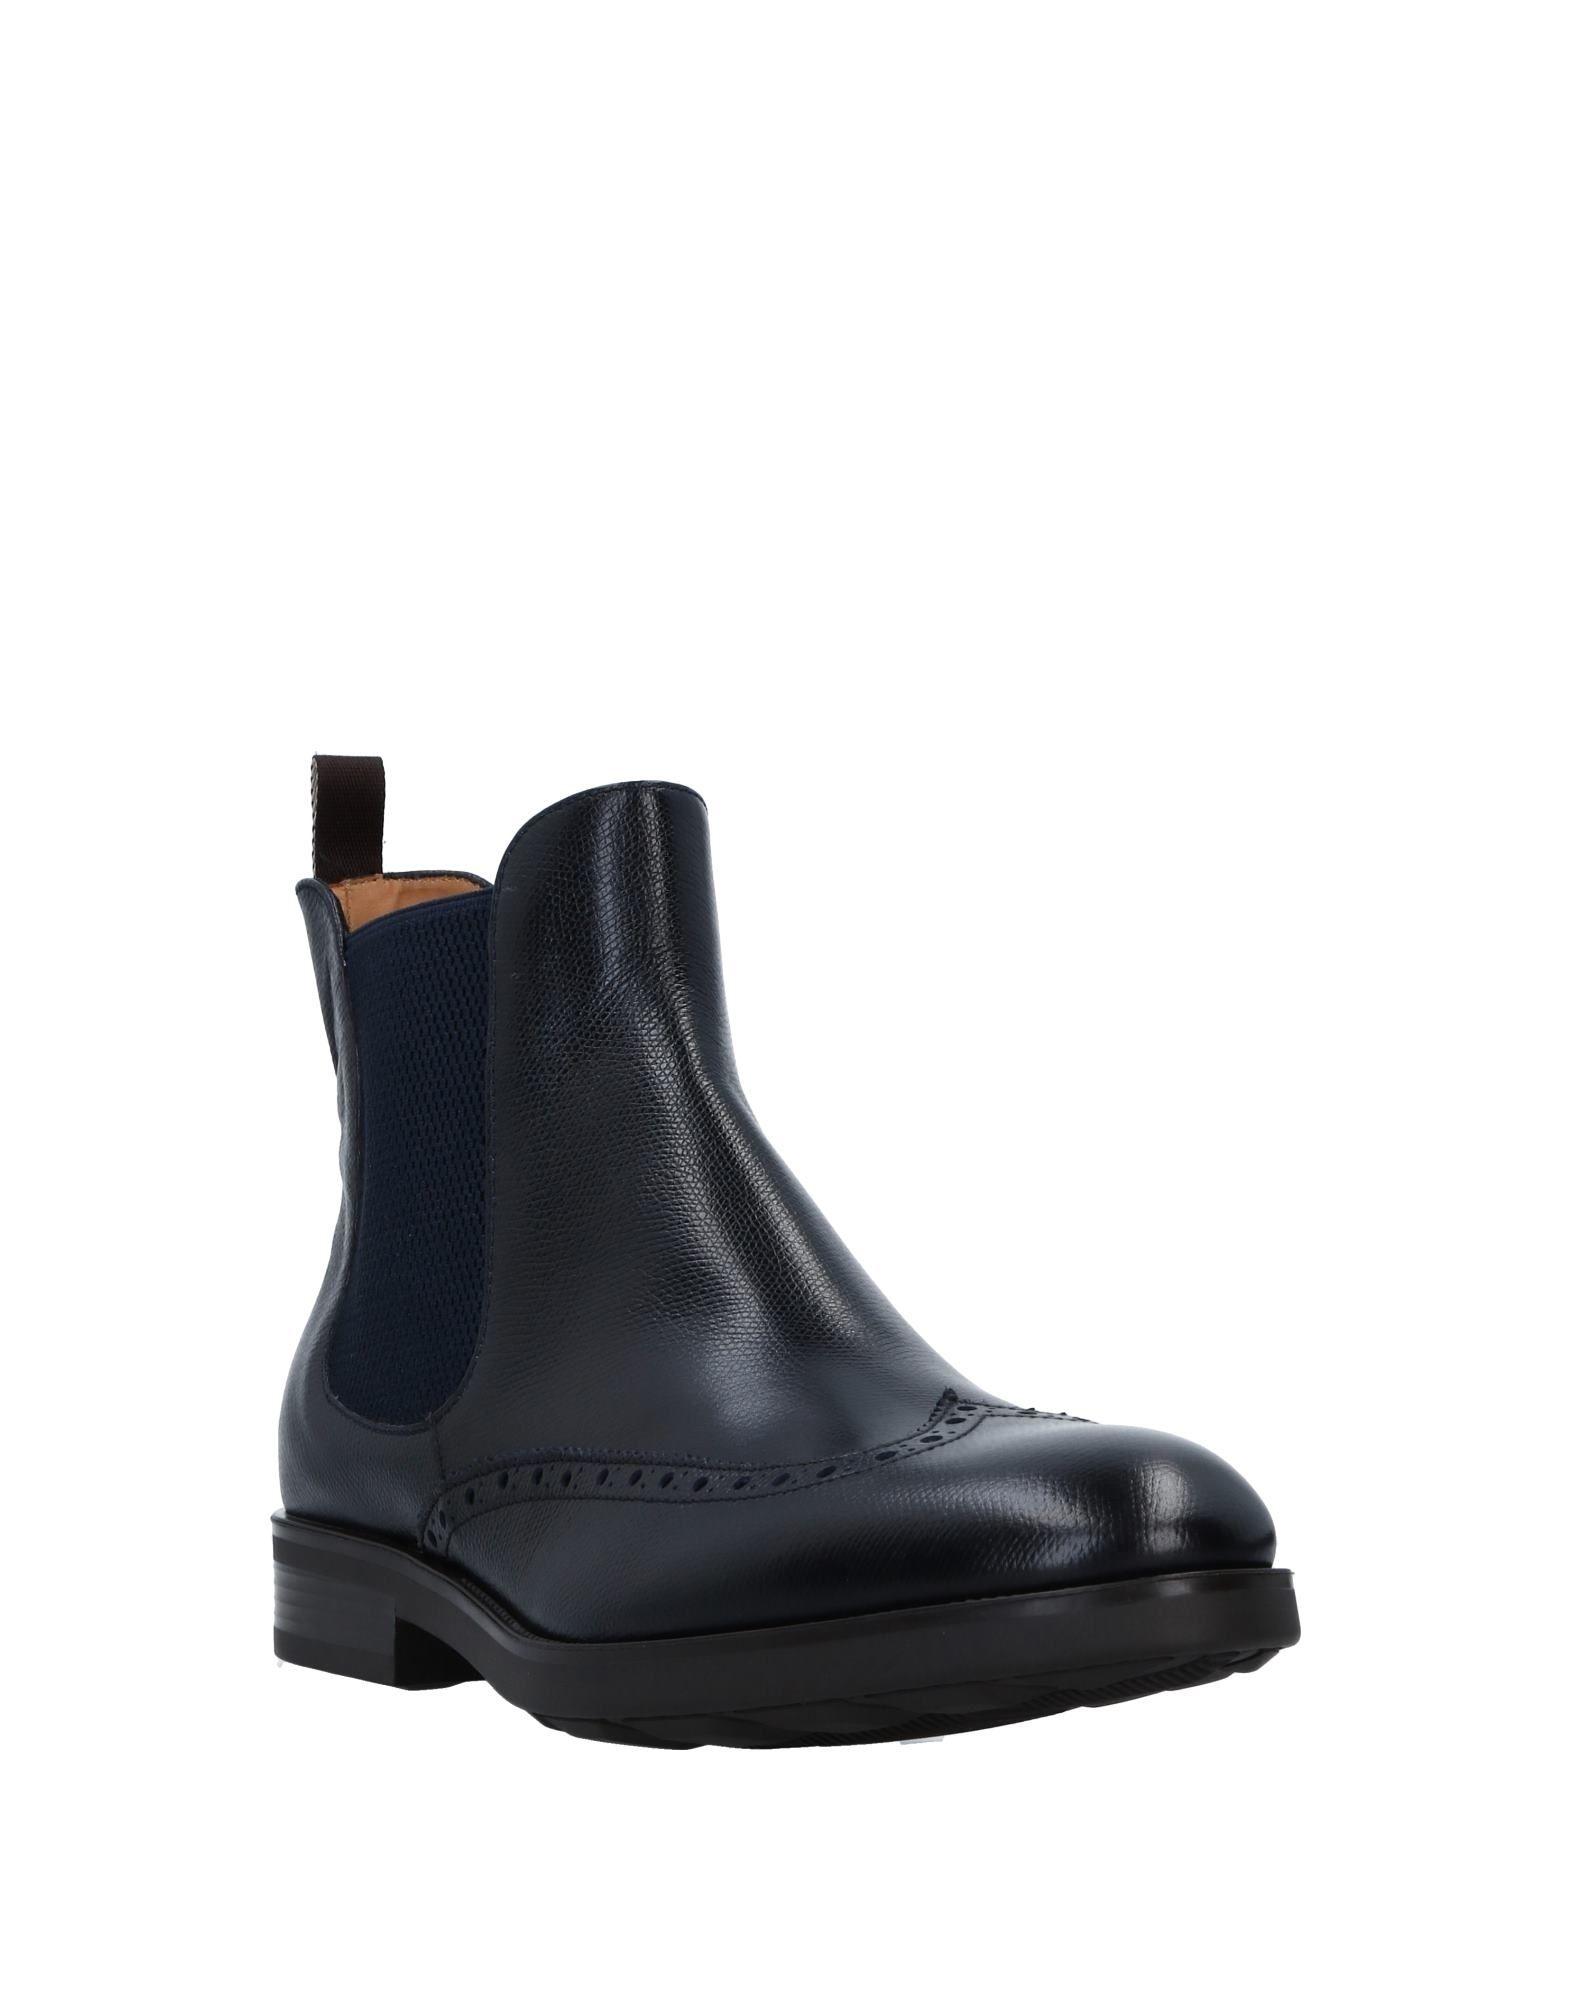 Fabi Stiefelette Herren  11532525CA Gute Qualität beliebte Schuhe